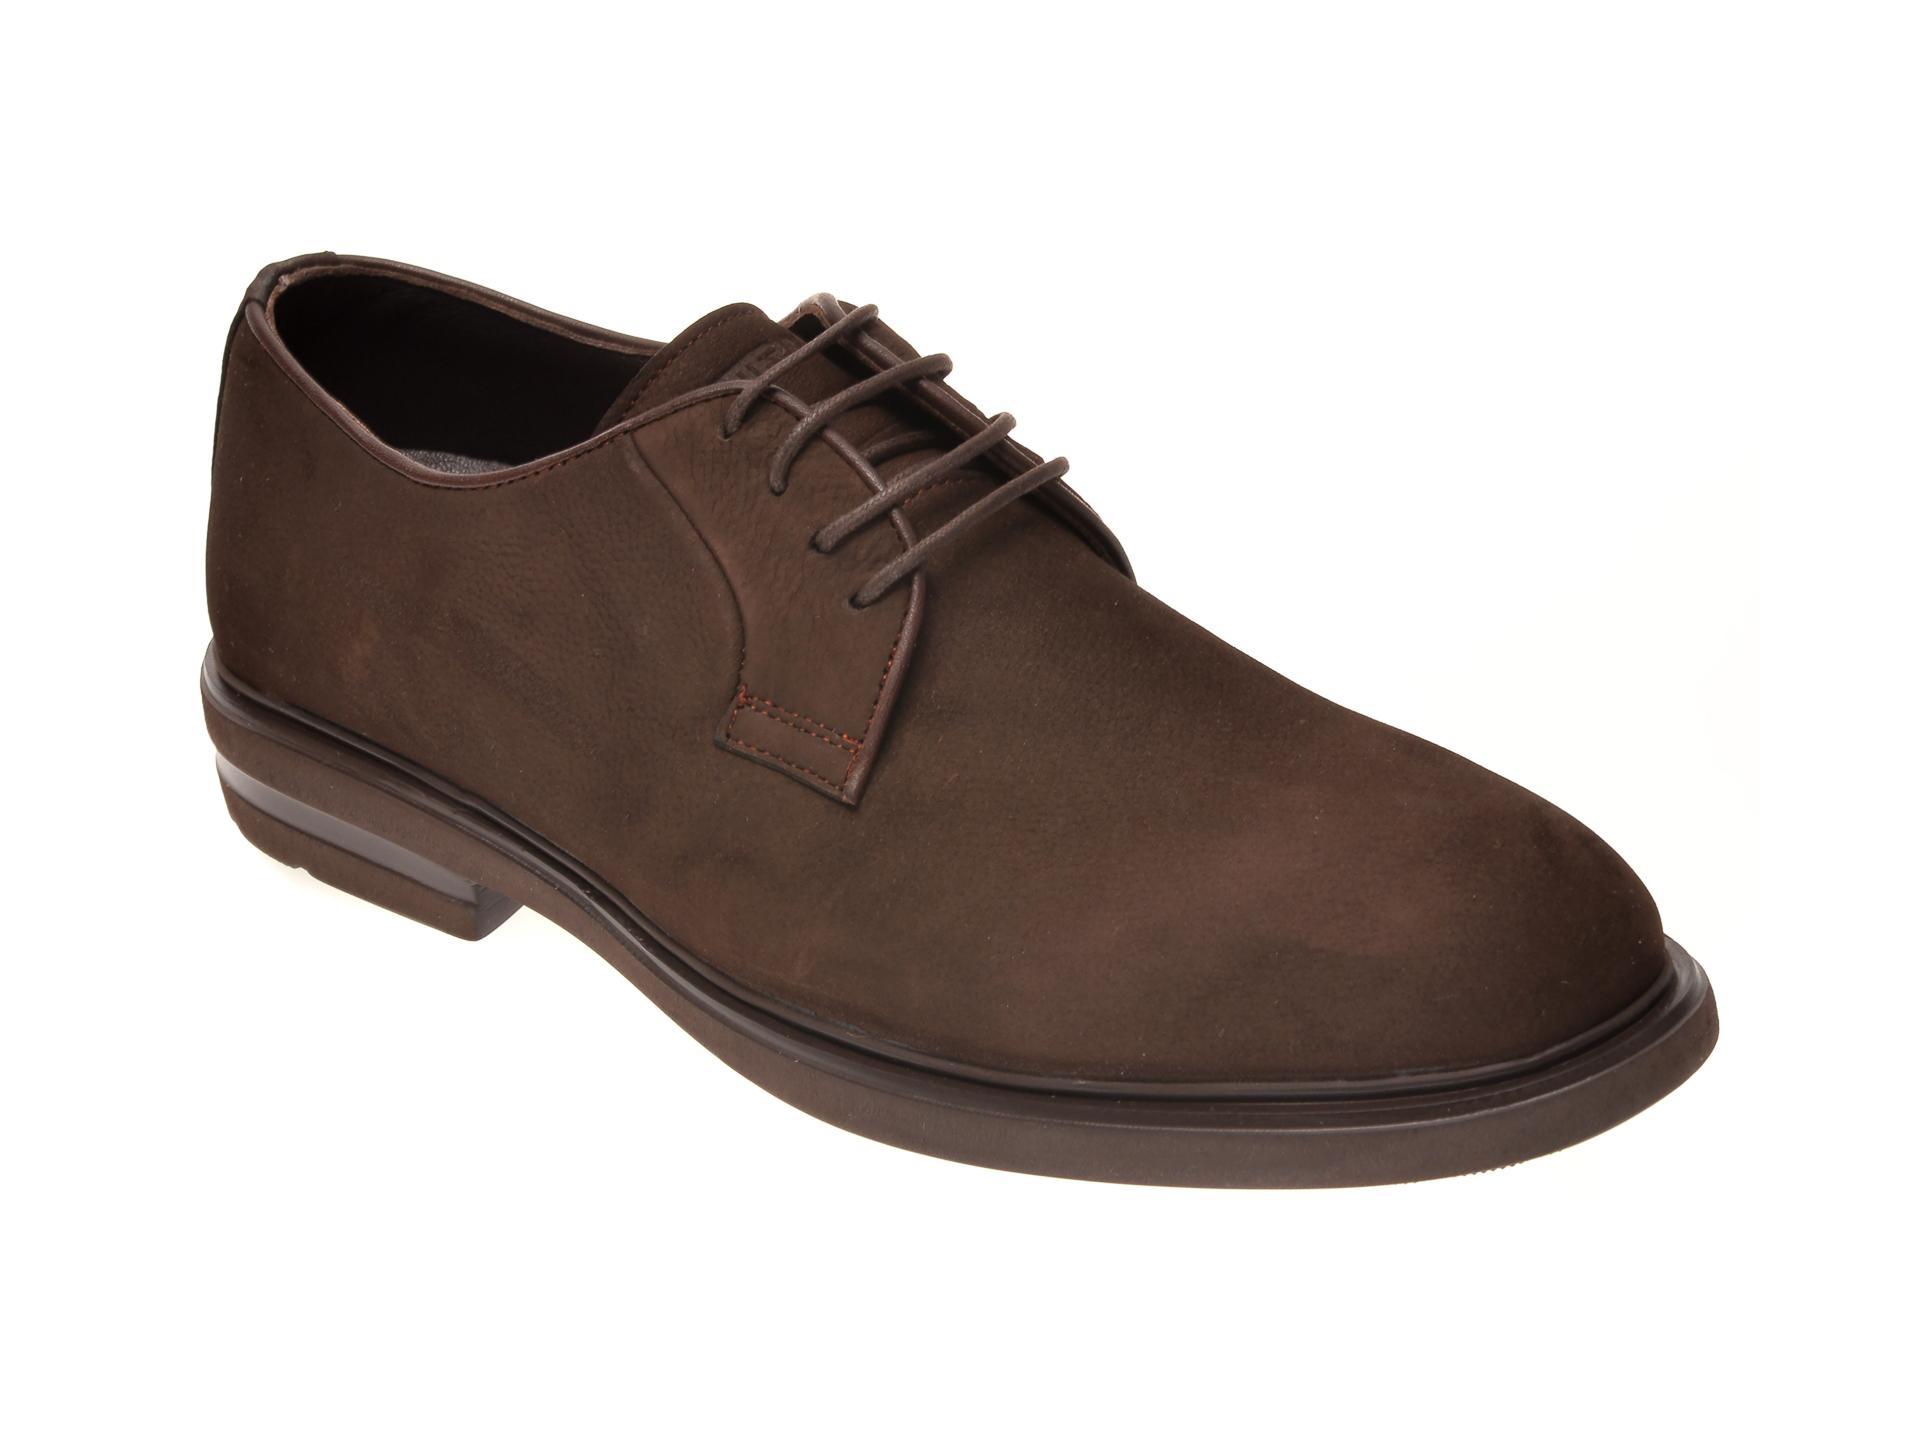 Pantofi OTTER maro, E1801, din nabuc imagine